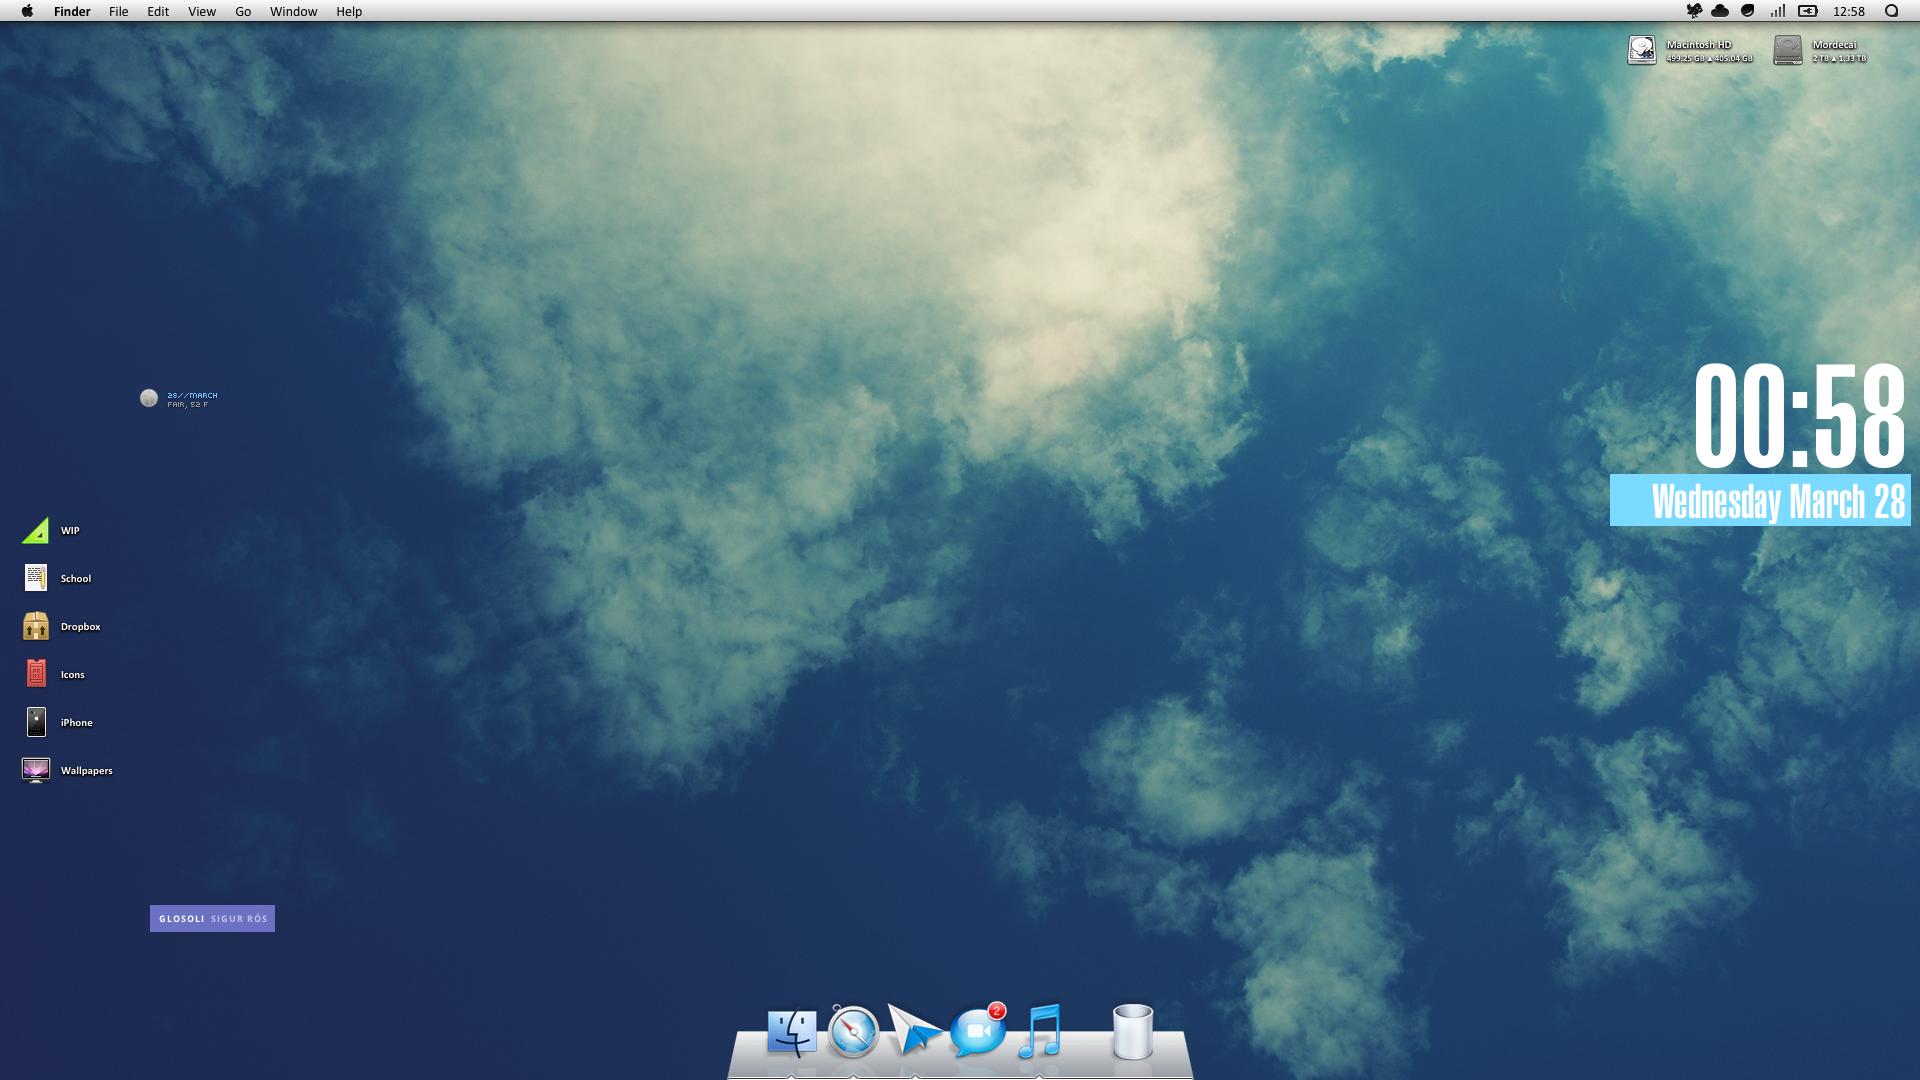 28.03.12 Desktop by chancellorr